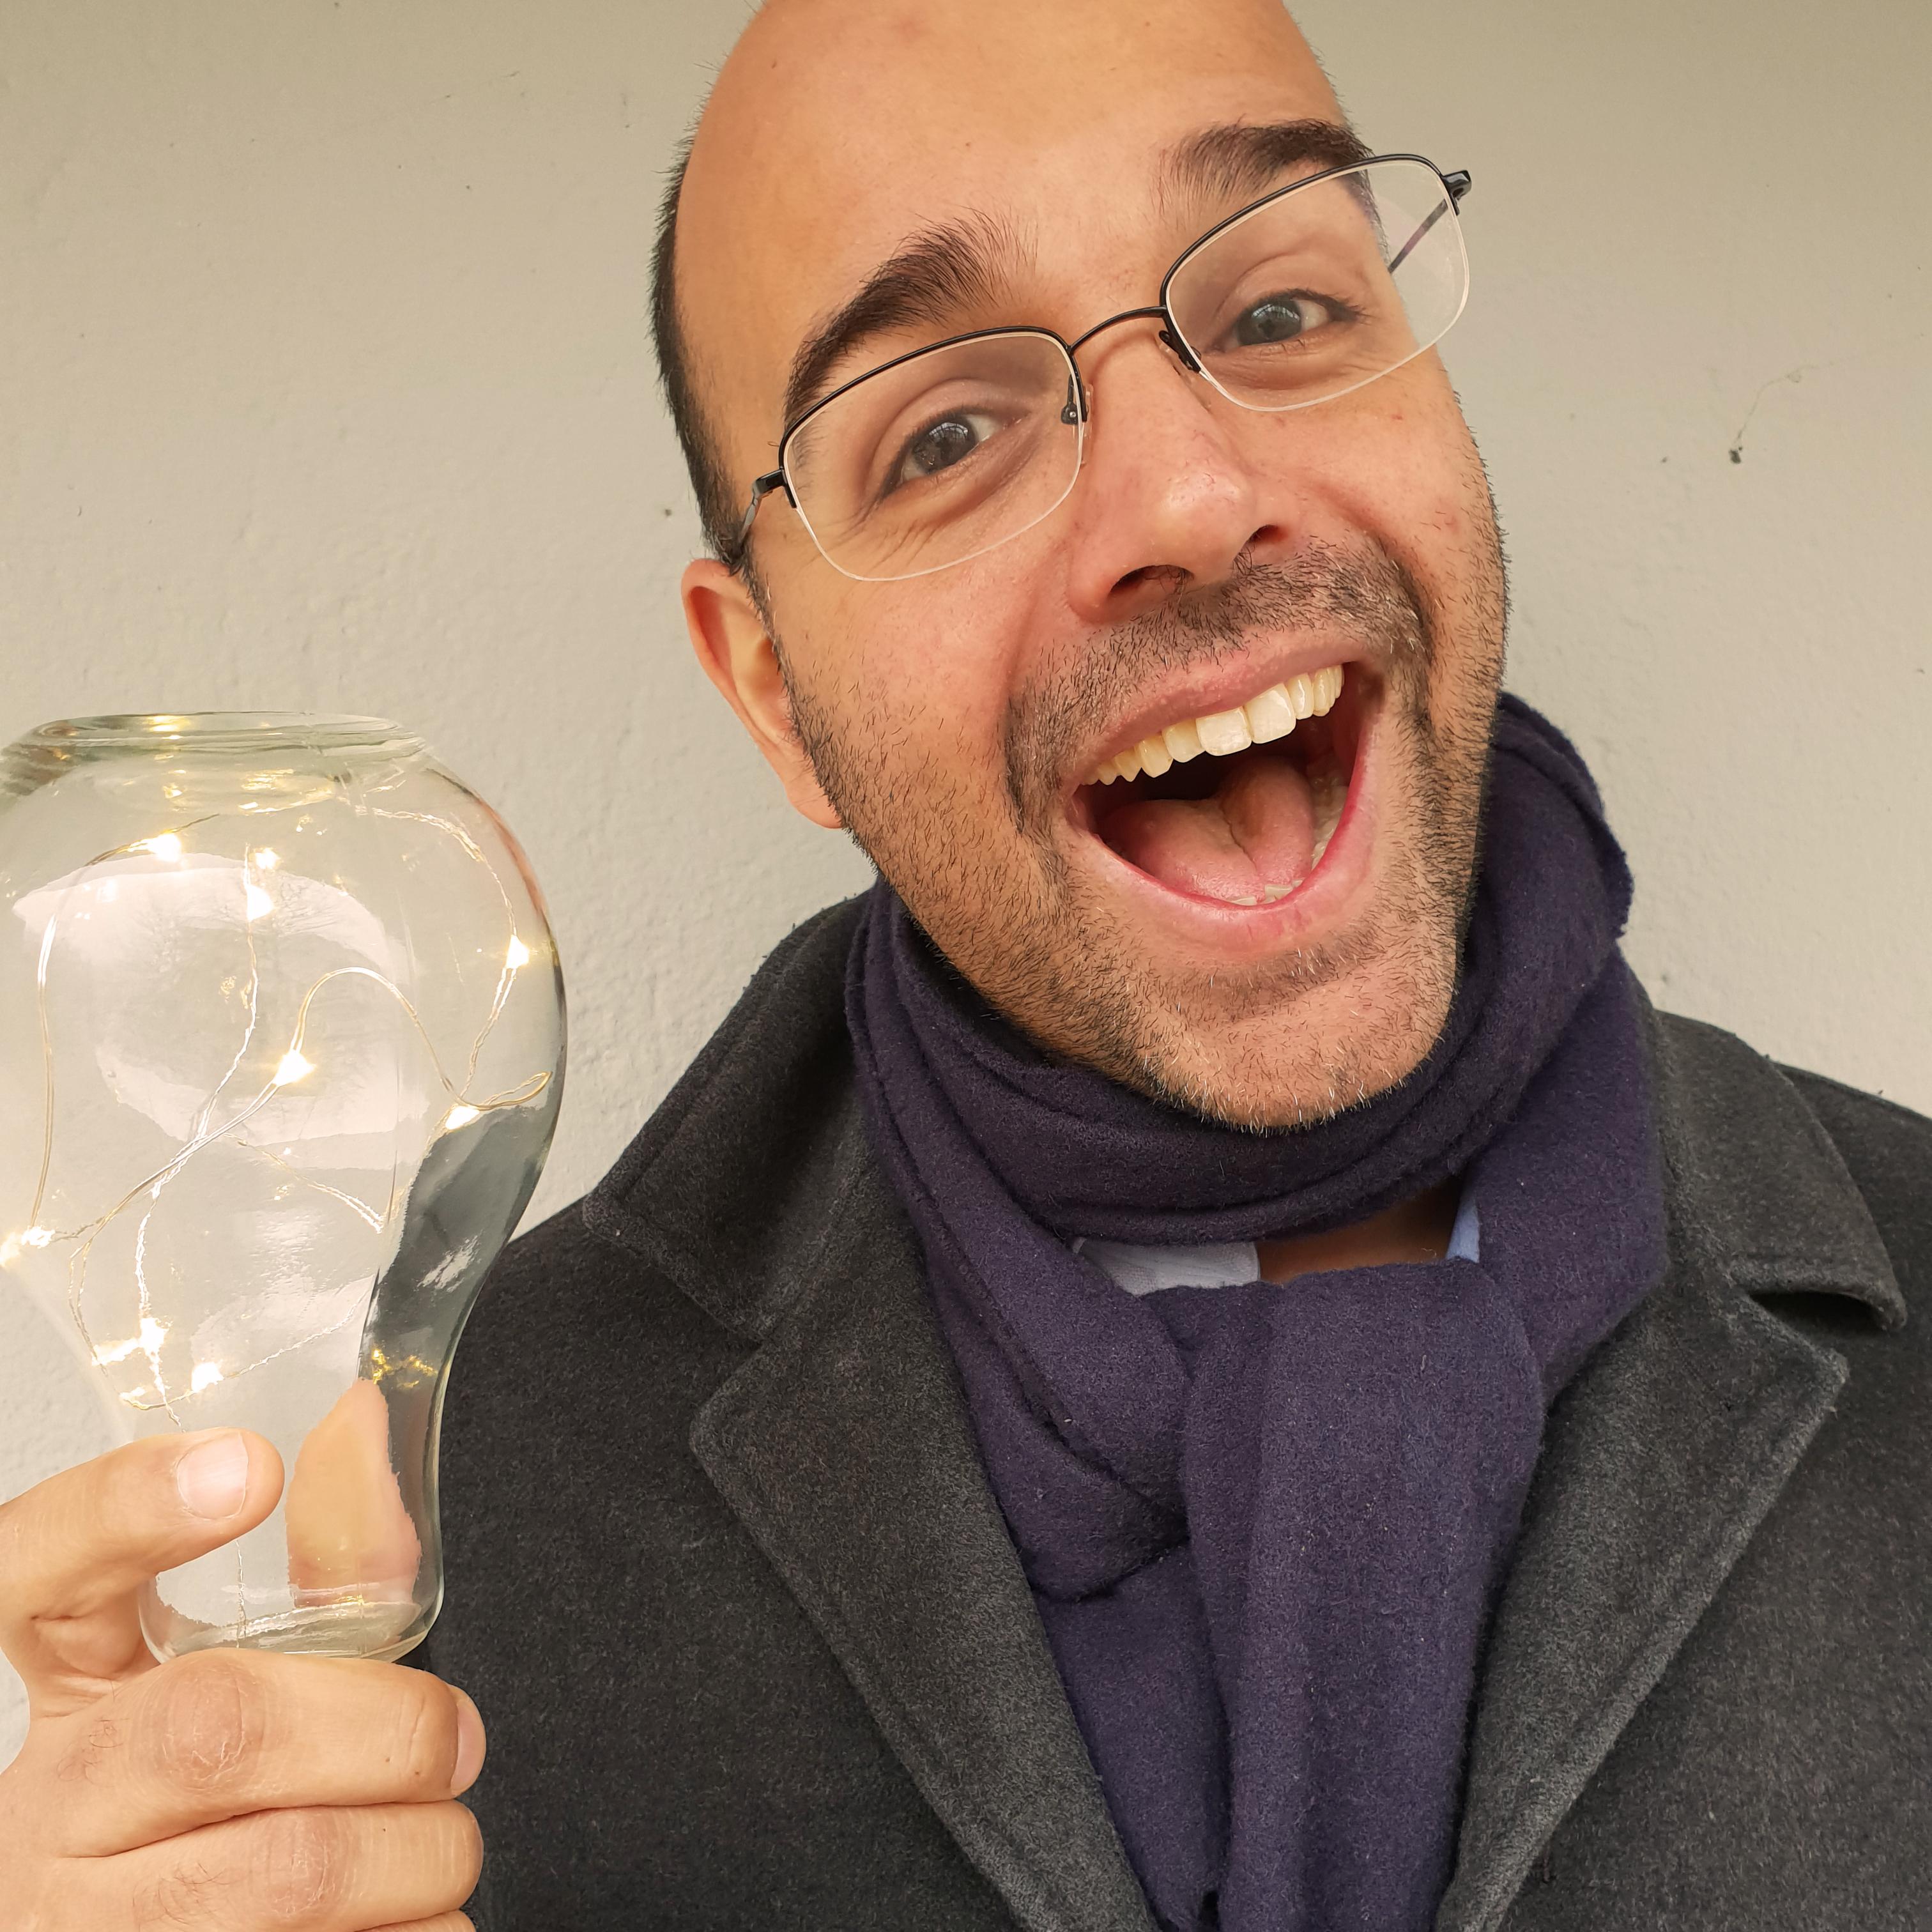 Daniel lamp